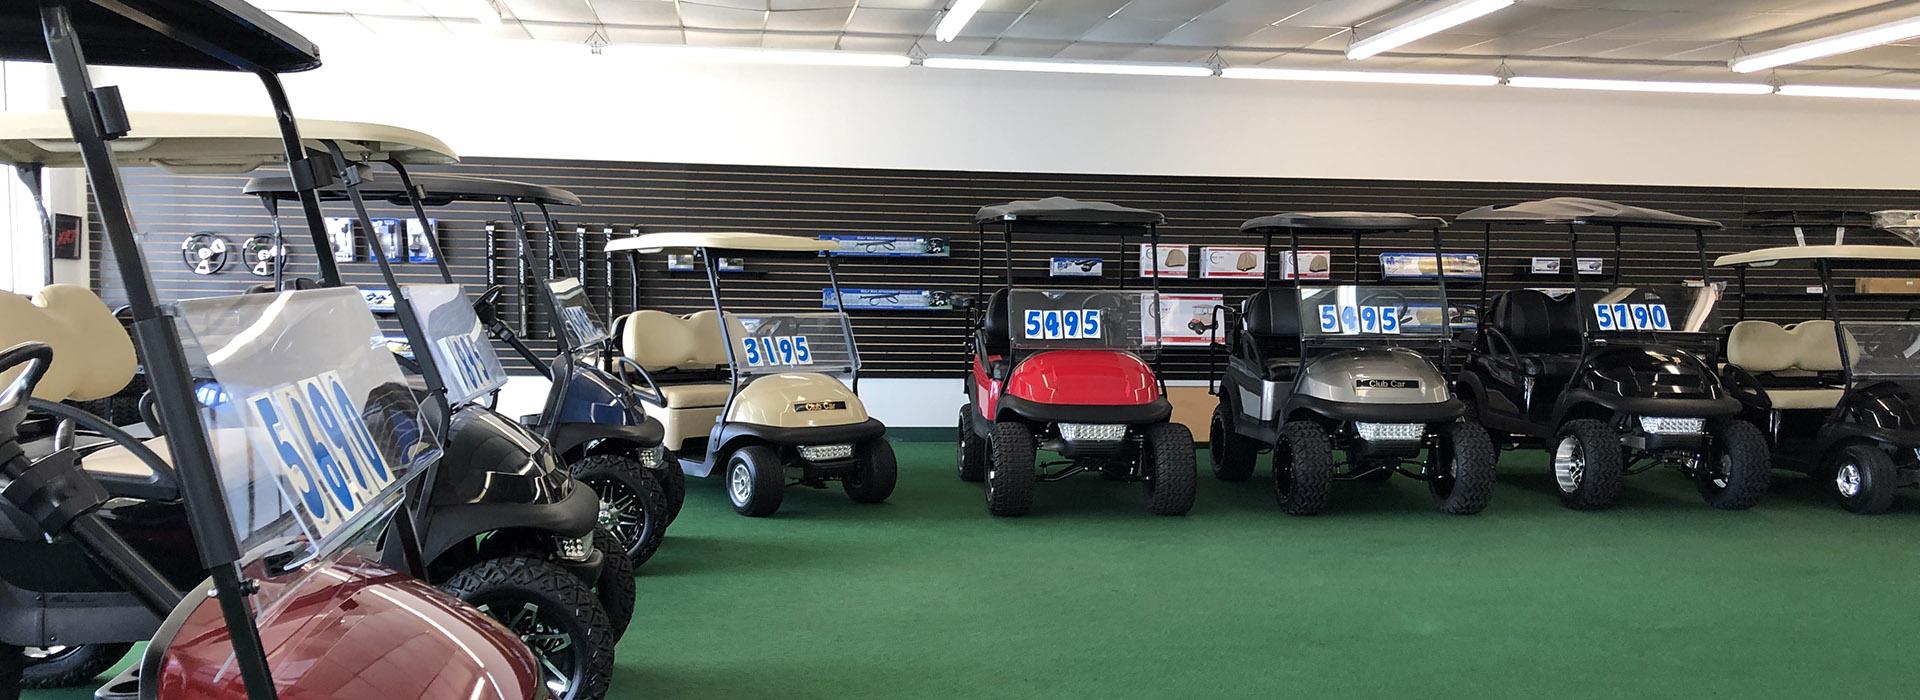 slide-golf-carts2